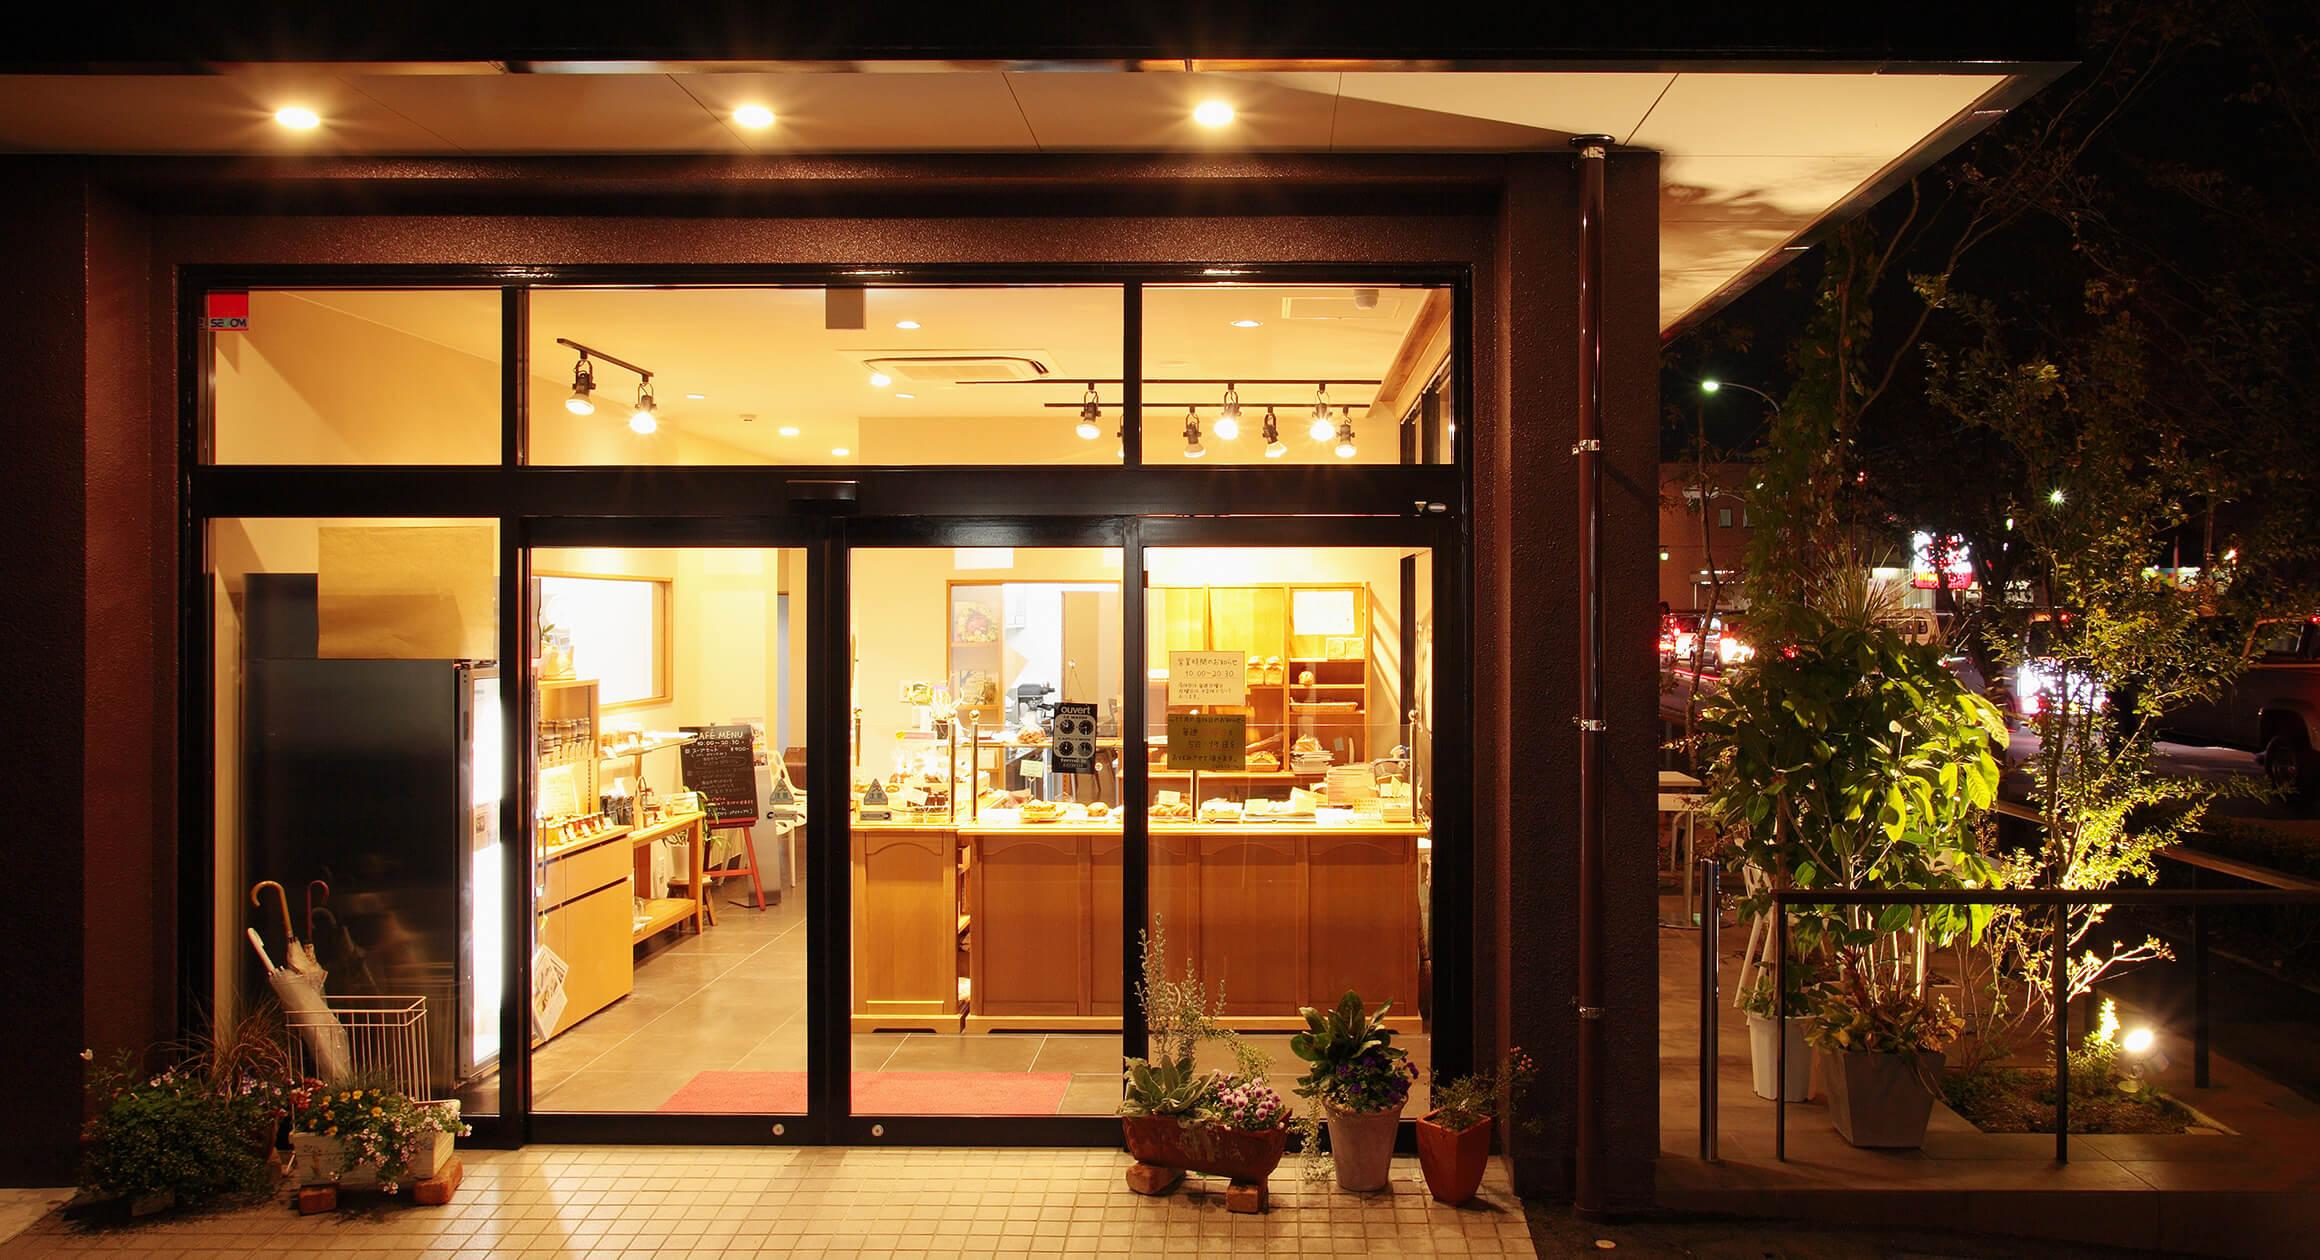 三友工務店のリフォーム・リノベーション事例 熊本市ブーランジュリー ニュイ テ ジュール様